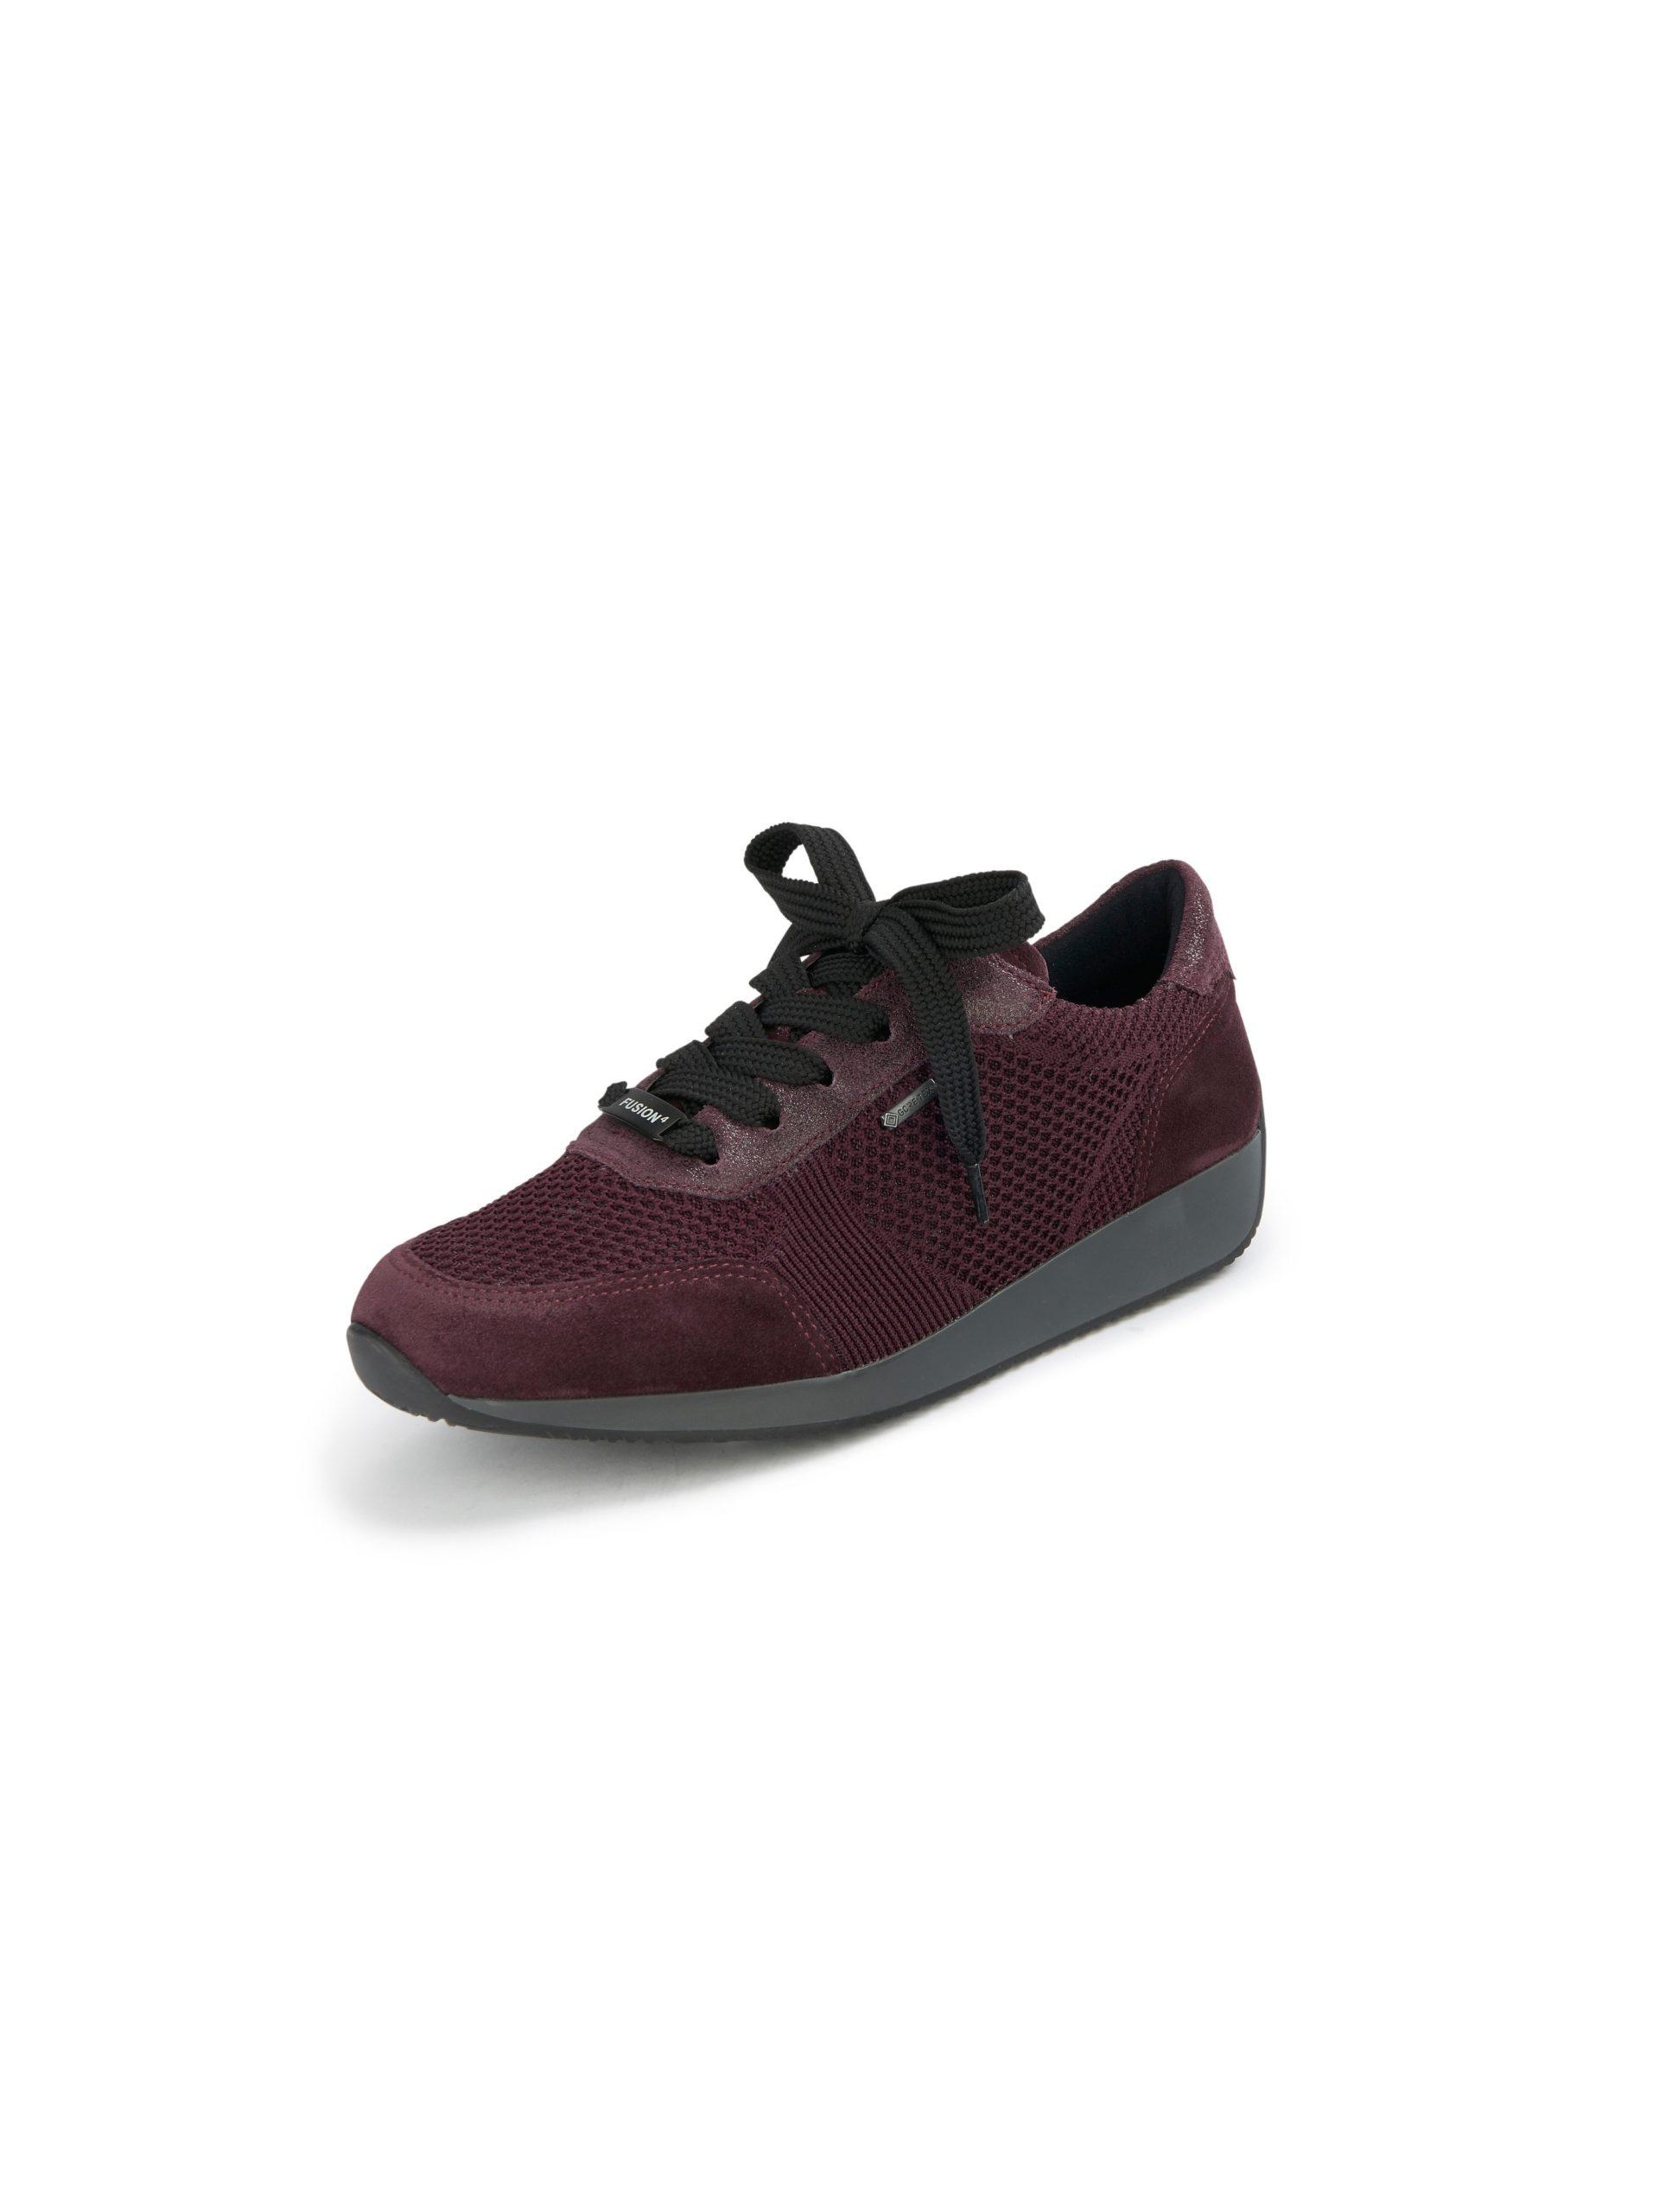 Sneakers model Lissabon Van ARA rood Kopen